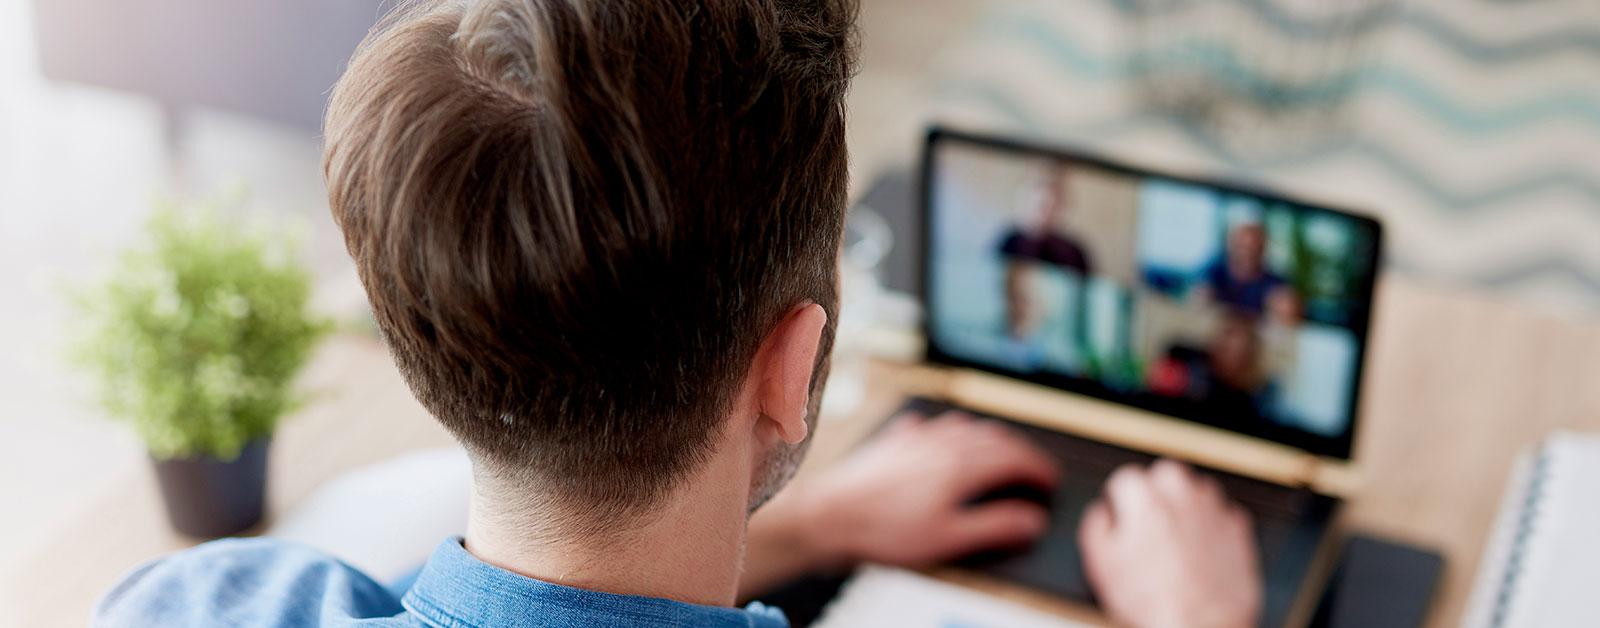 Homme en conférence vidéo avec quatre personnes